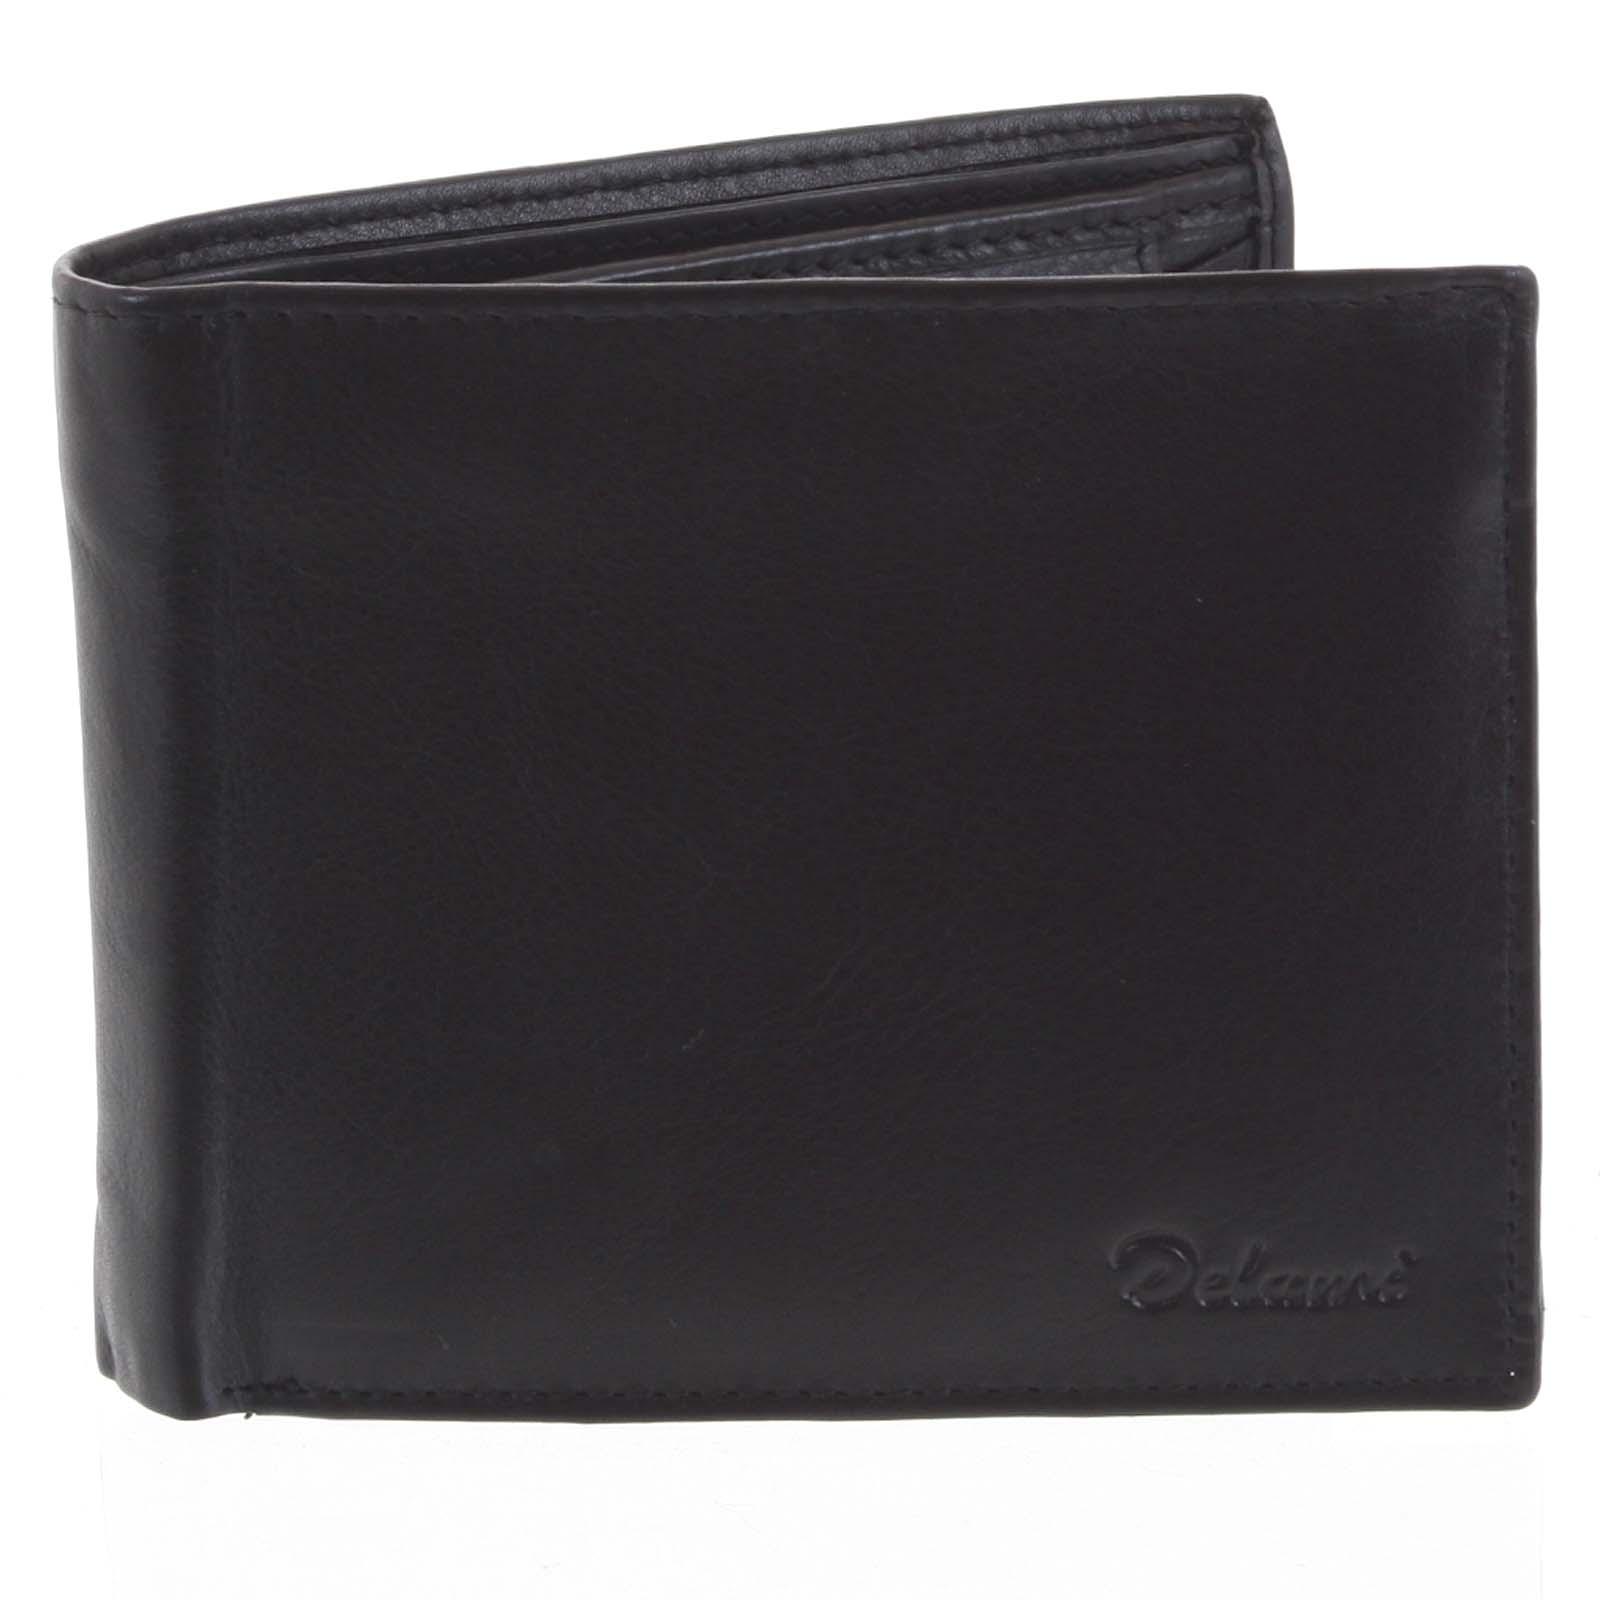 Pánska kožená peňaženka čierna - Delami Five čierna